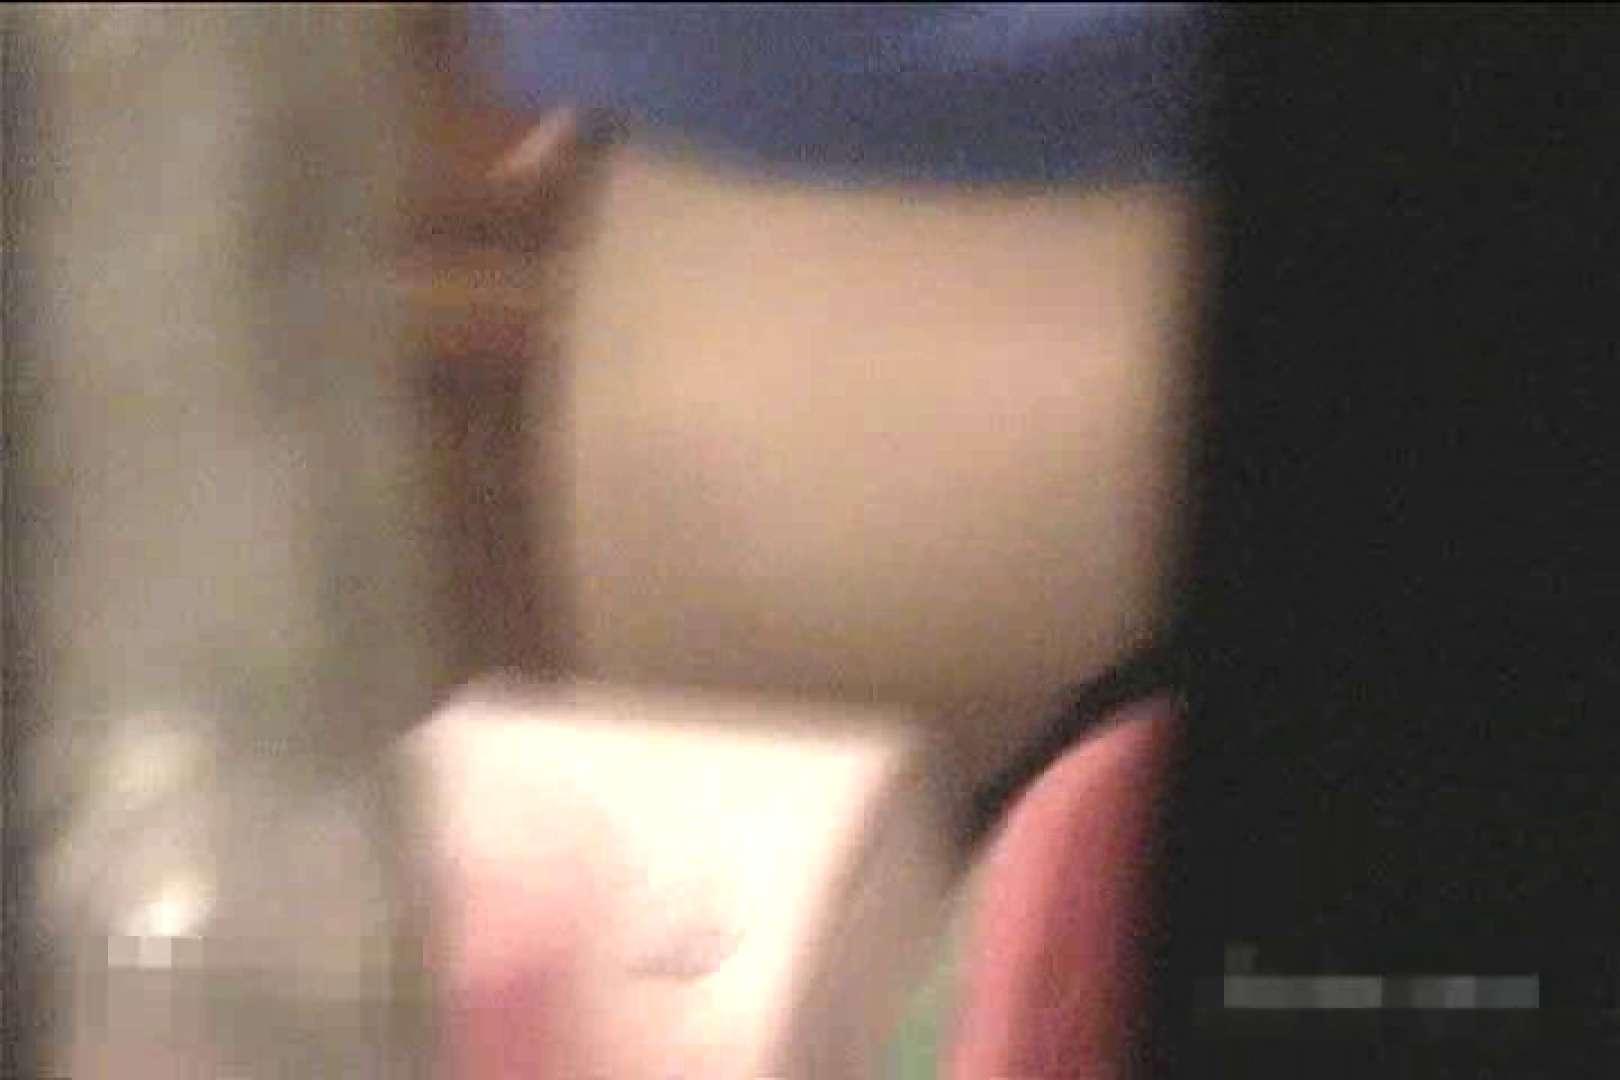 激撮ストーカー記録あなたのお宅拝見しますVol.7 セックスシーン 盗撮動画紹介 101枚